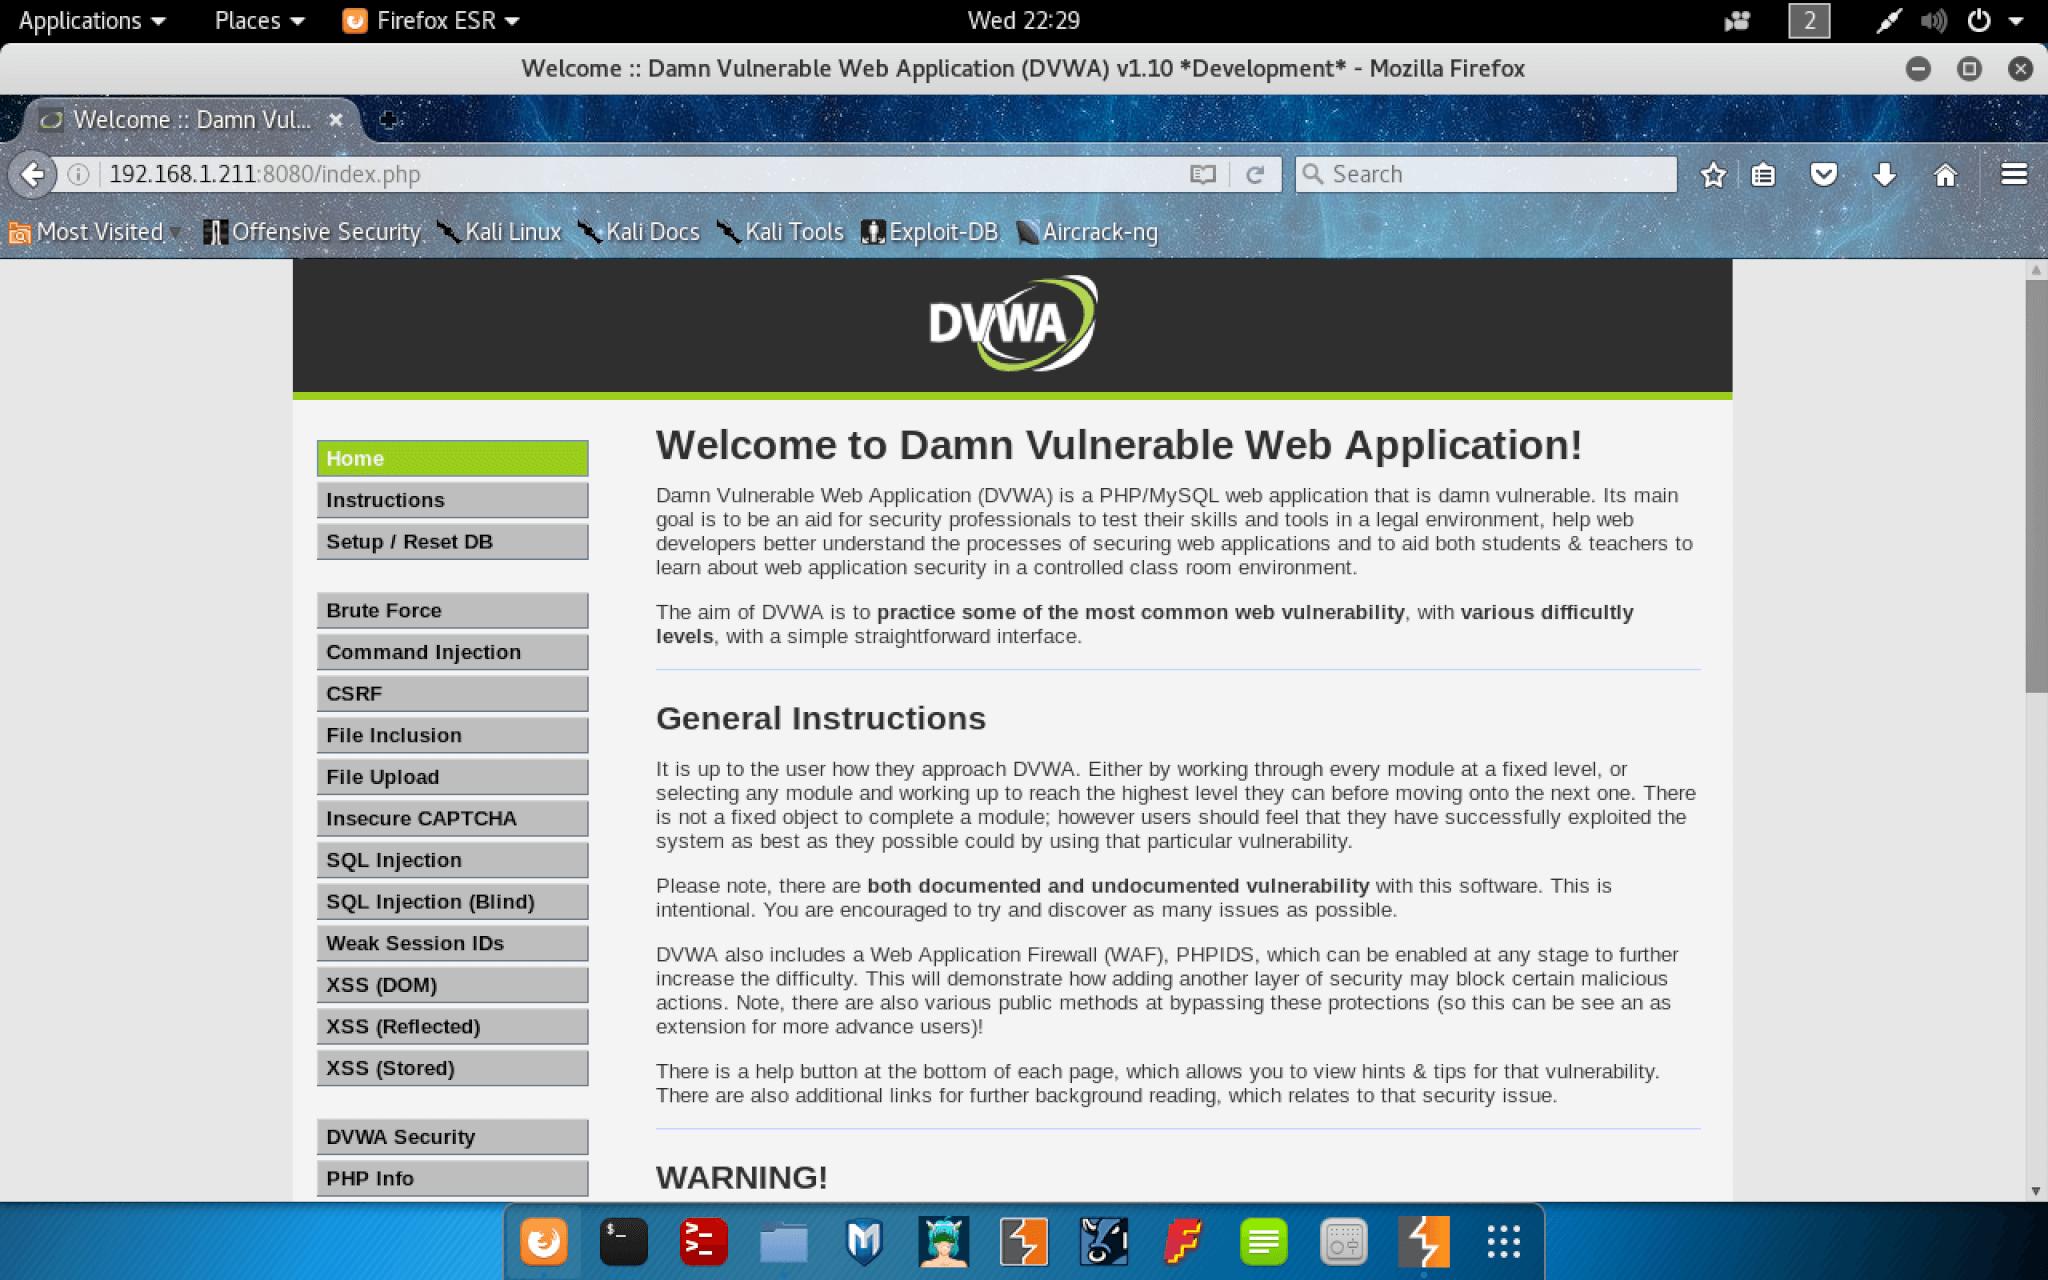 DVWA Home Page